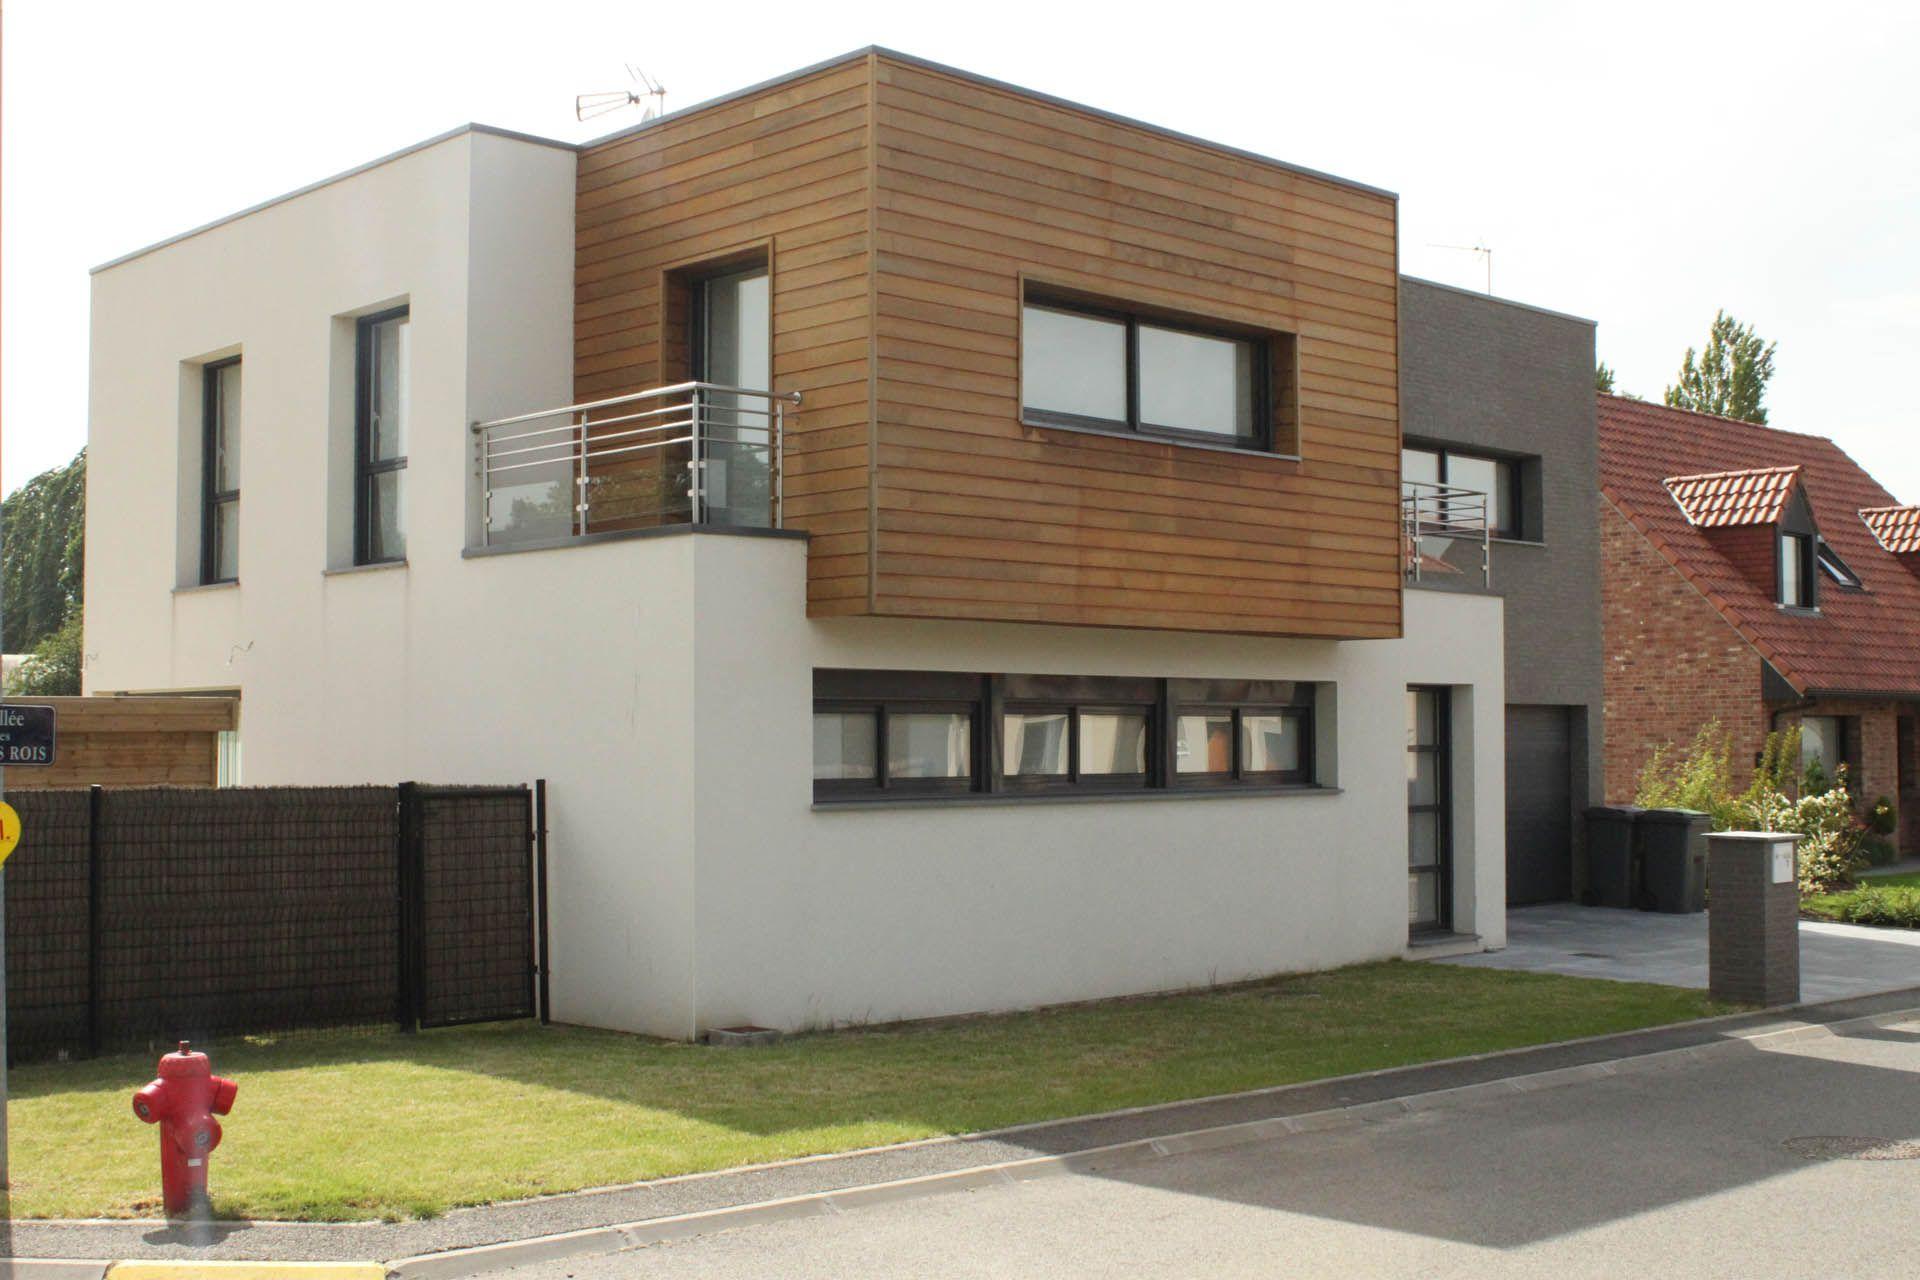 Constructeur de maisons individuelles haut de gamme piraino maison patio constructeur for Maison haut de gamme